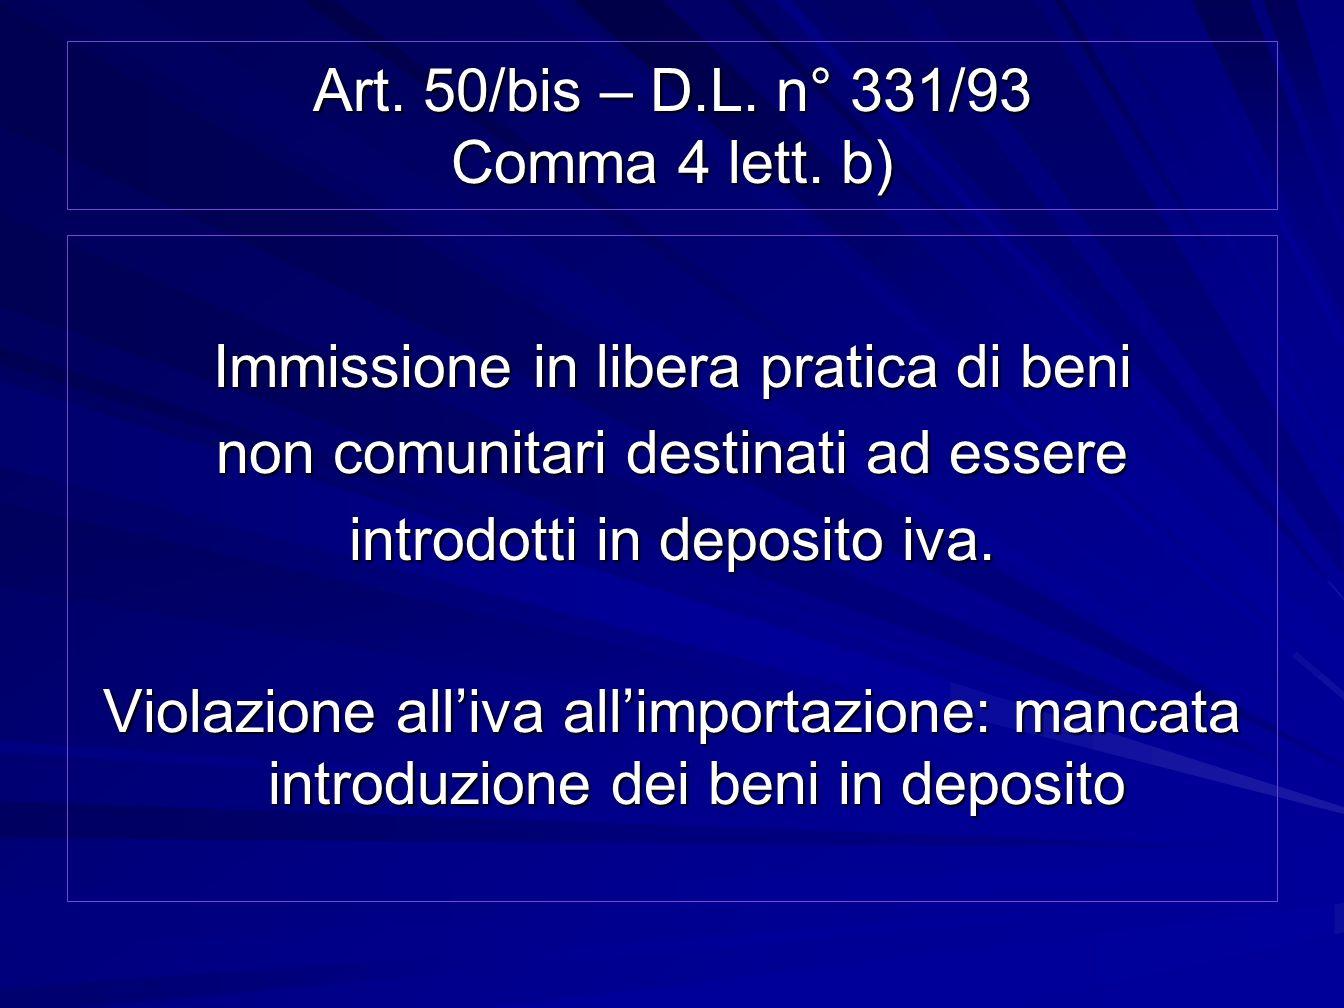 Art. 50/bis – D.L. n° 331/93 Comma 4 lett. b) Immissione in libera pratica di beni non comunitari destinati ad essere introdotti in deposito iva. Viol